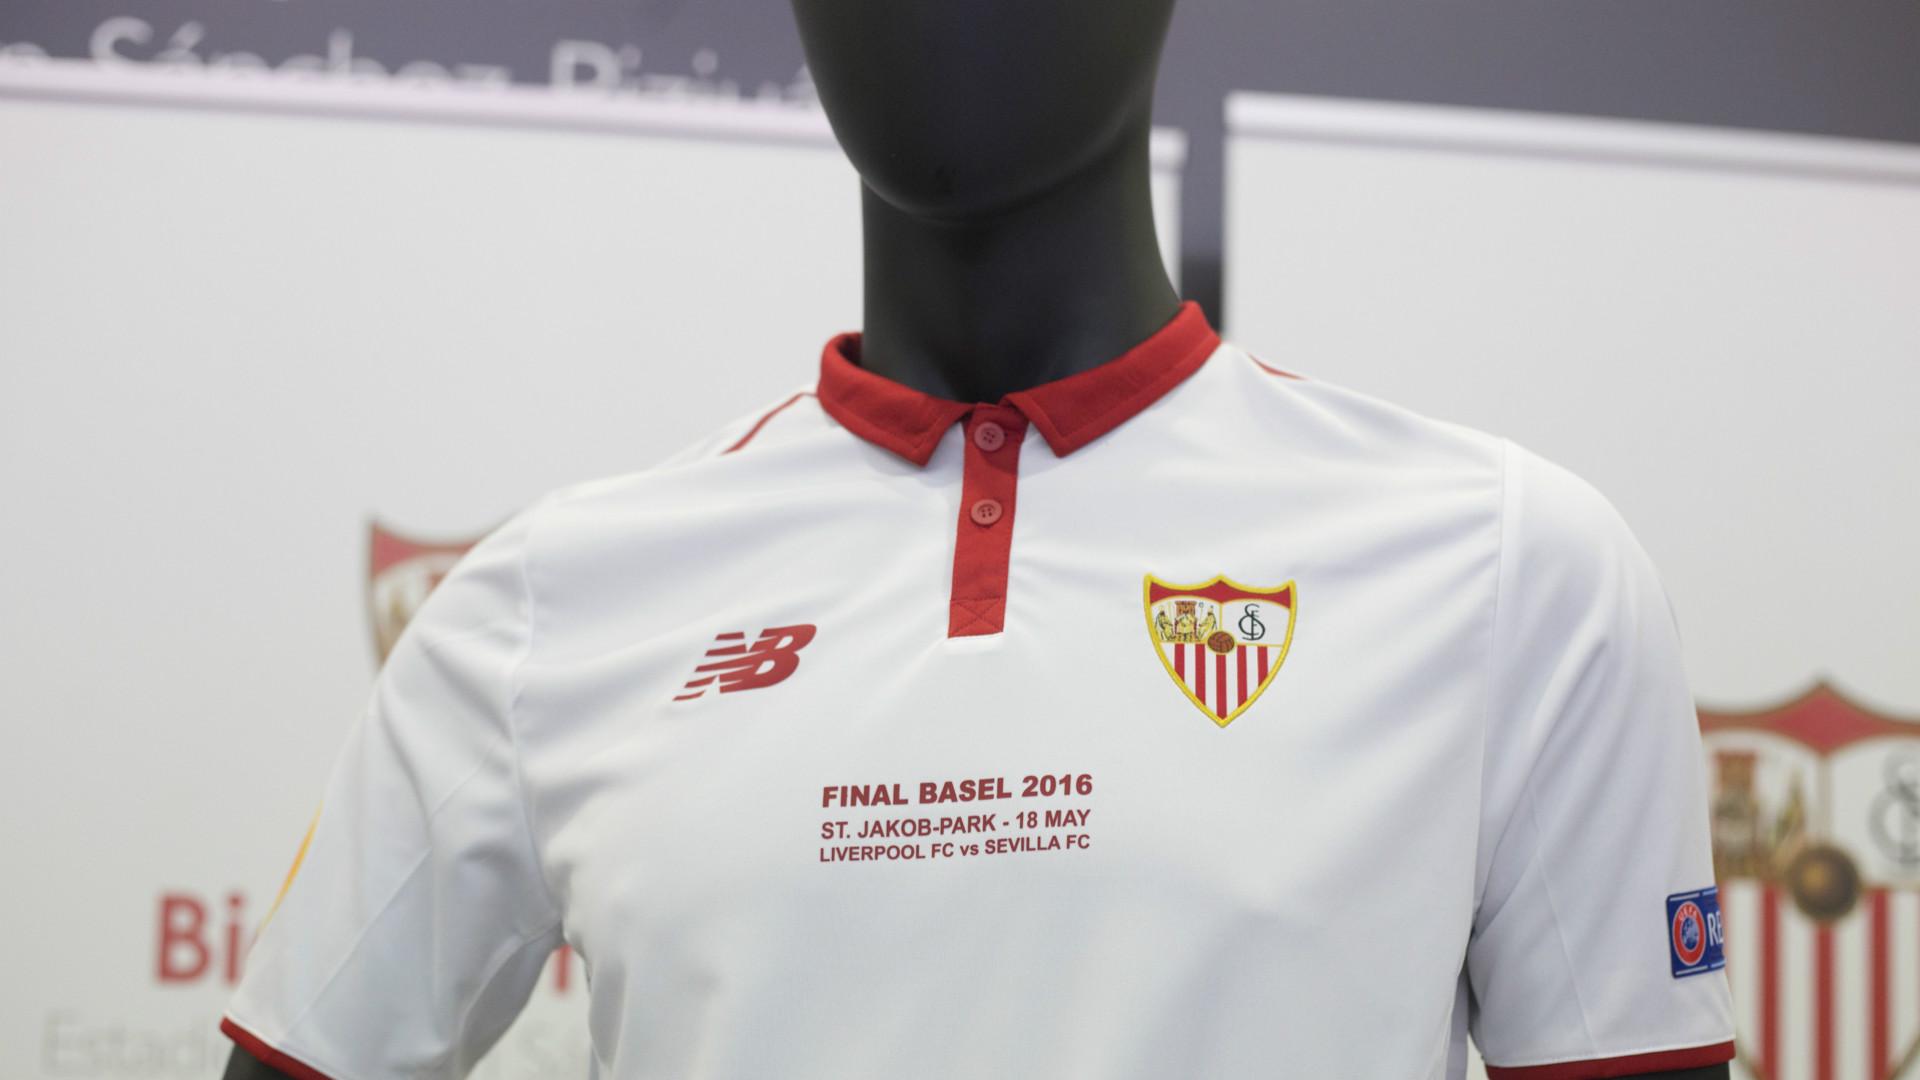 Nueva camiseta del sevilla para la final de la europa - Socios del sevilla 2017 ...